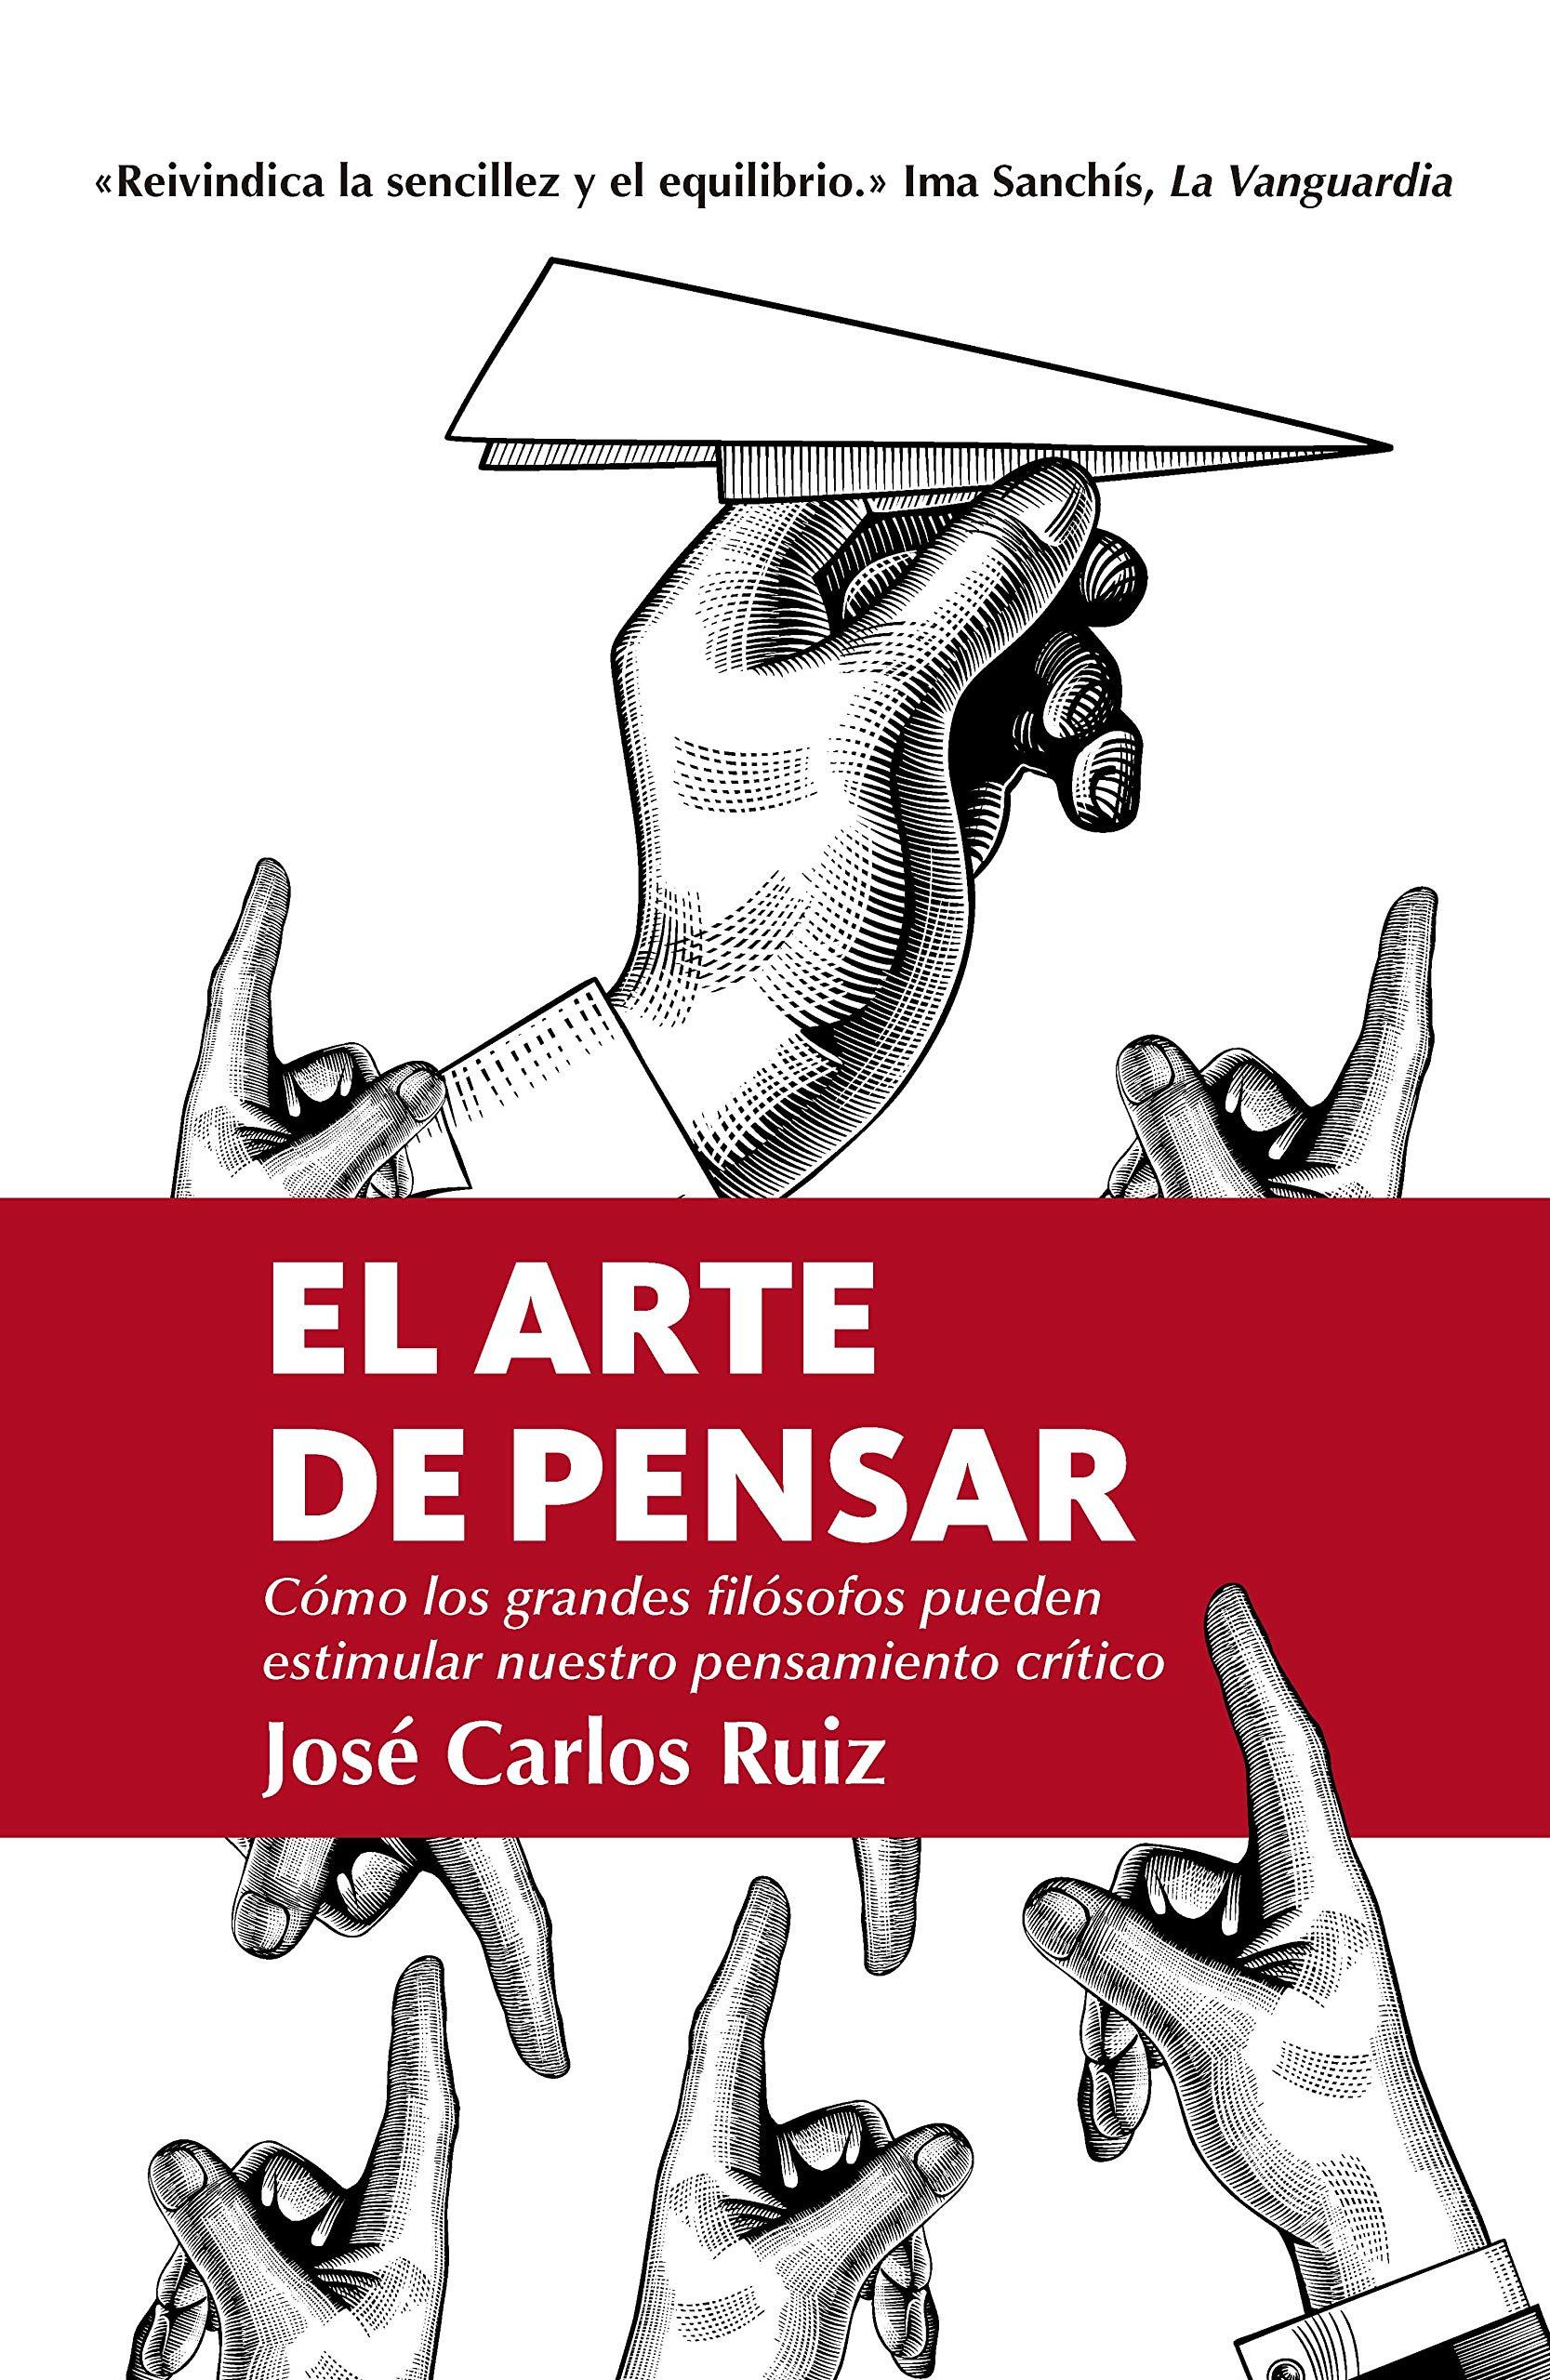 El Arte De Pensar - bolsillo Almuzara libros en el Bolsillo: Amazon.es: Ruiz, José Carlos: Libros